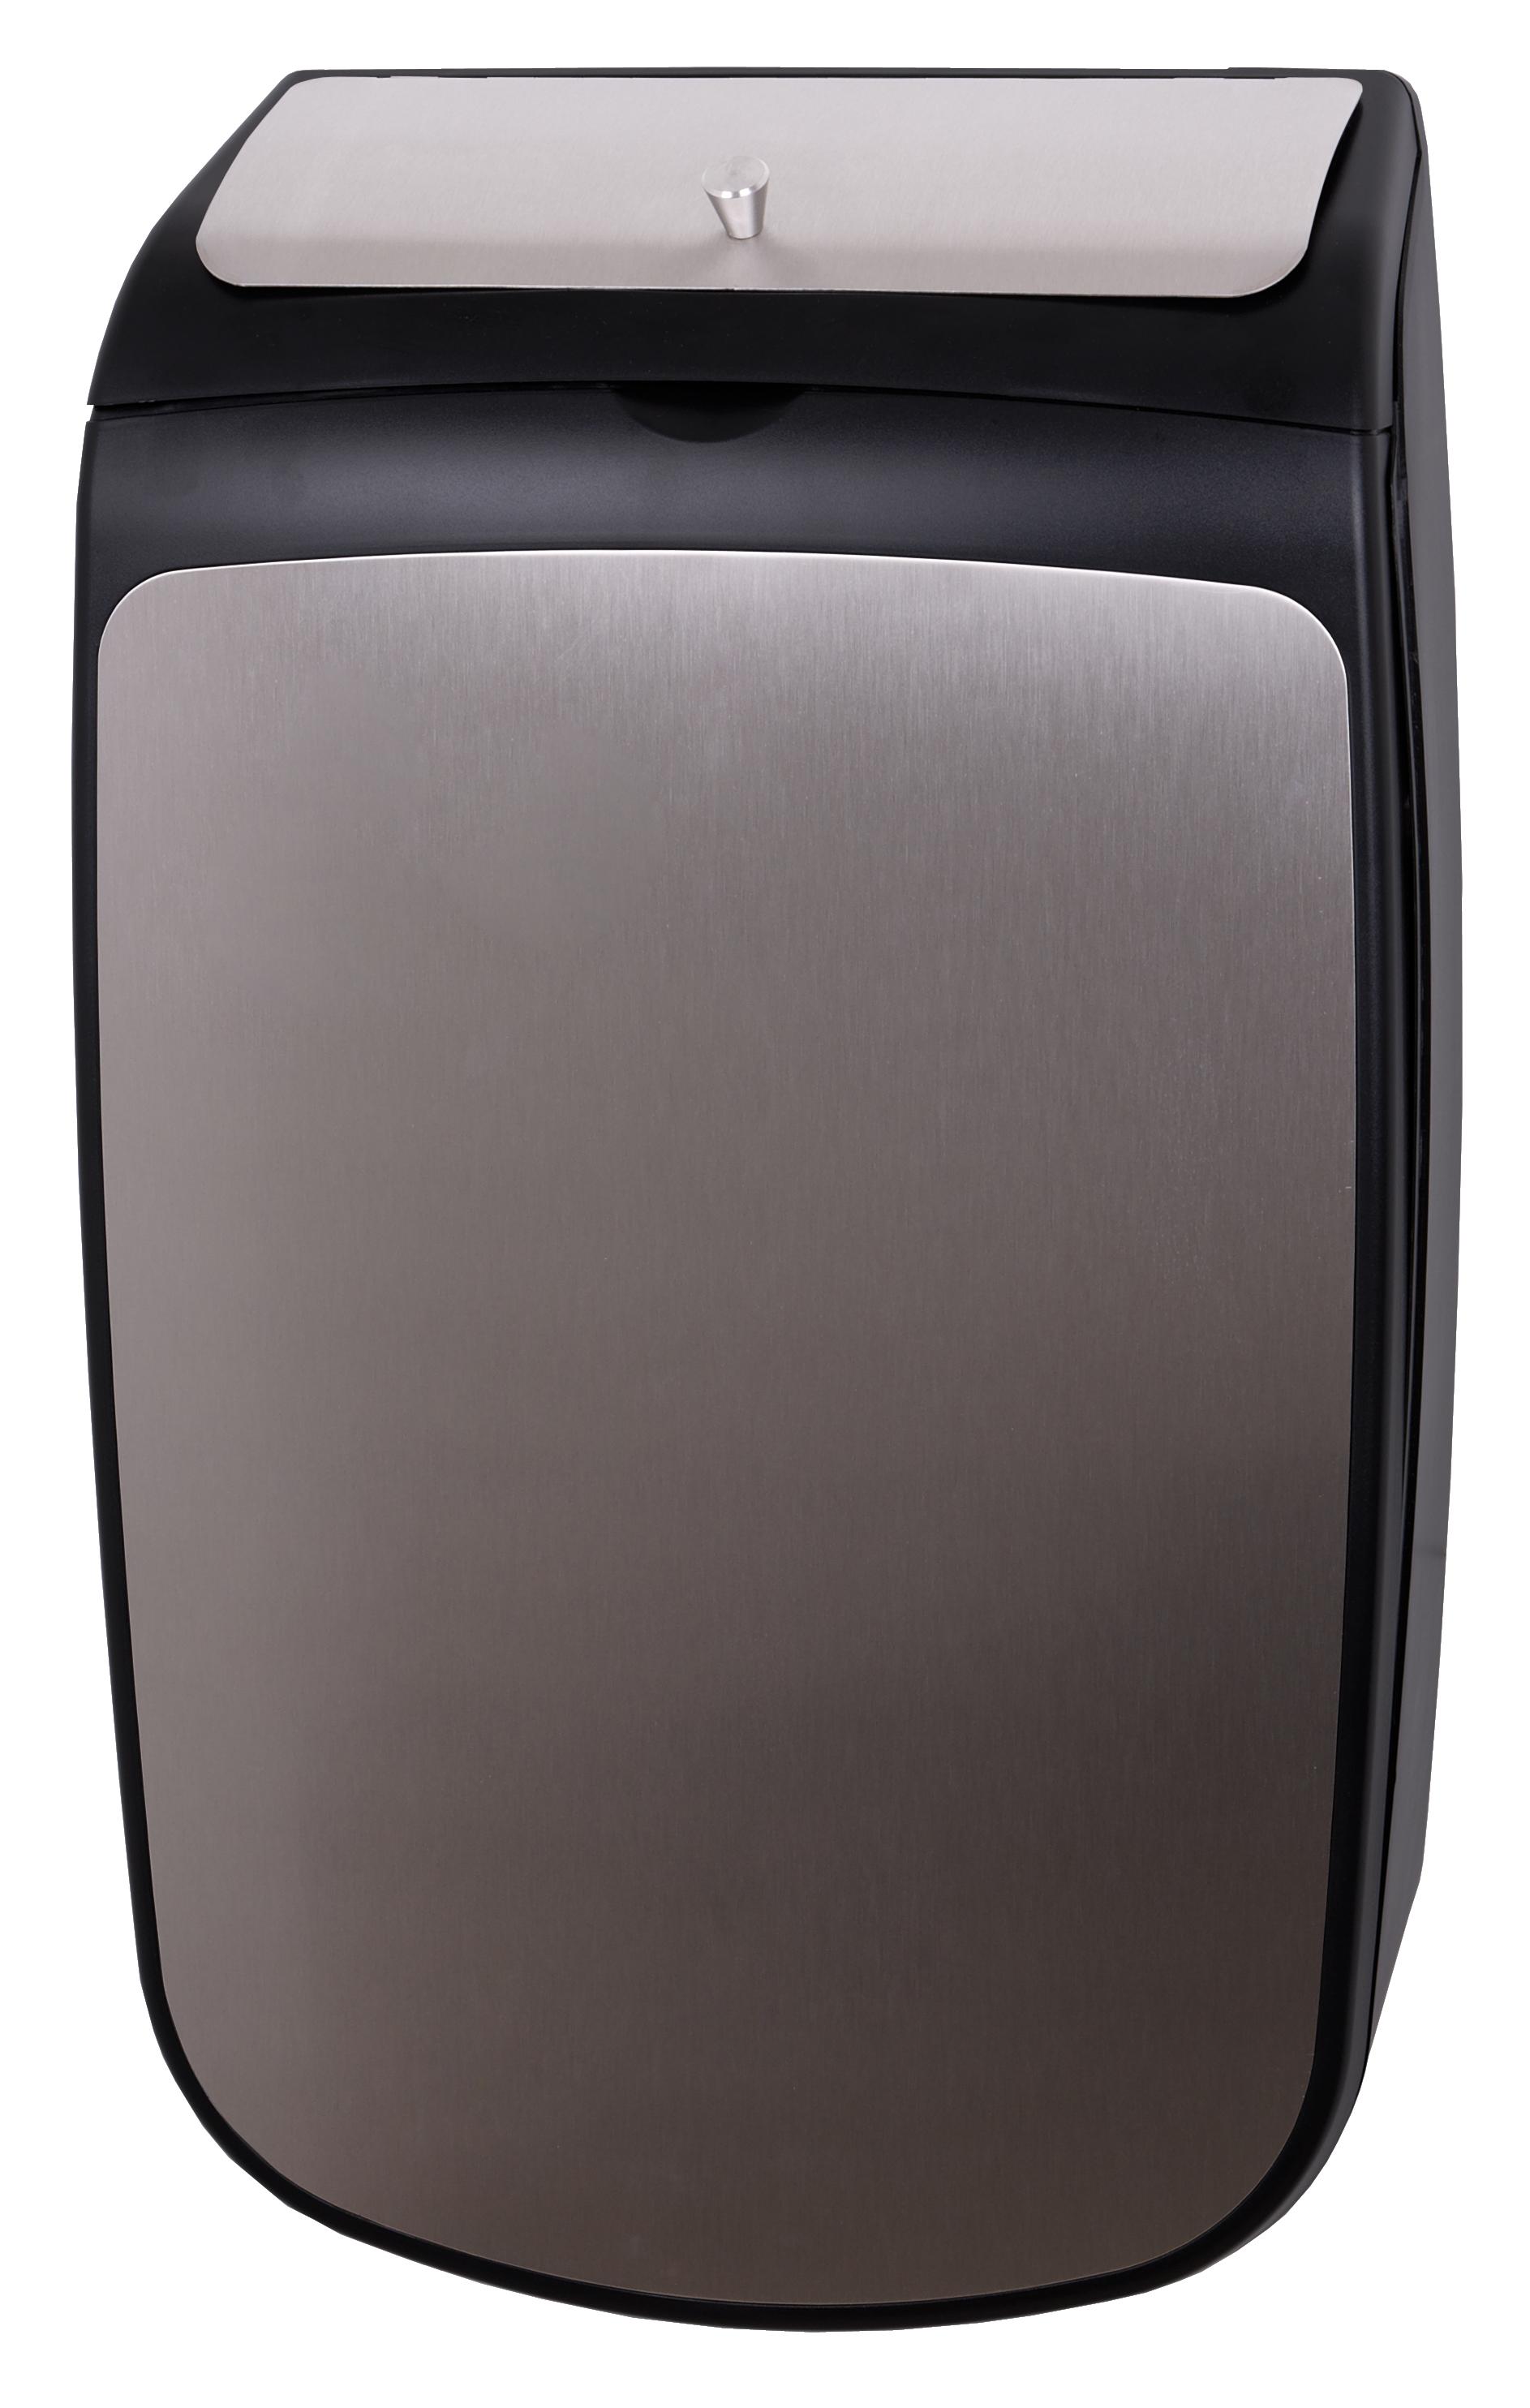 ALL CARE Dispenserline - Afvalbak gesloten 25 liter PLE